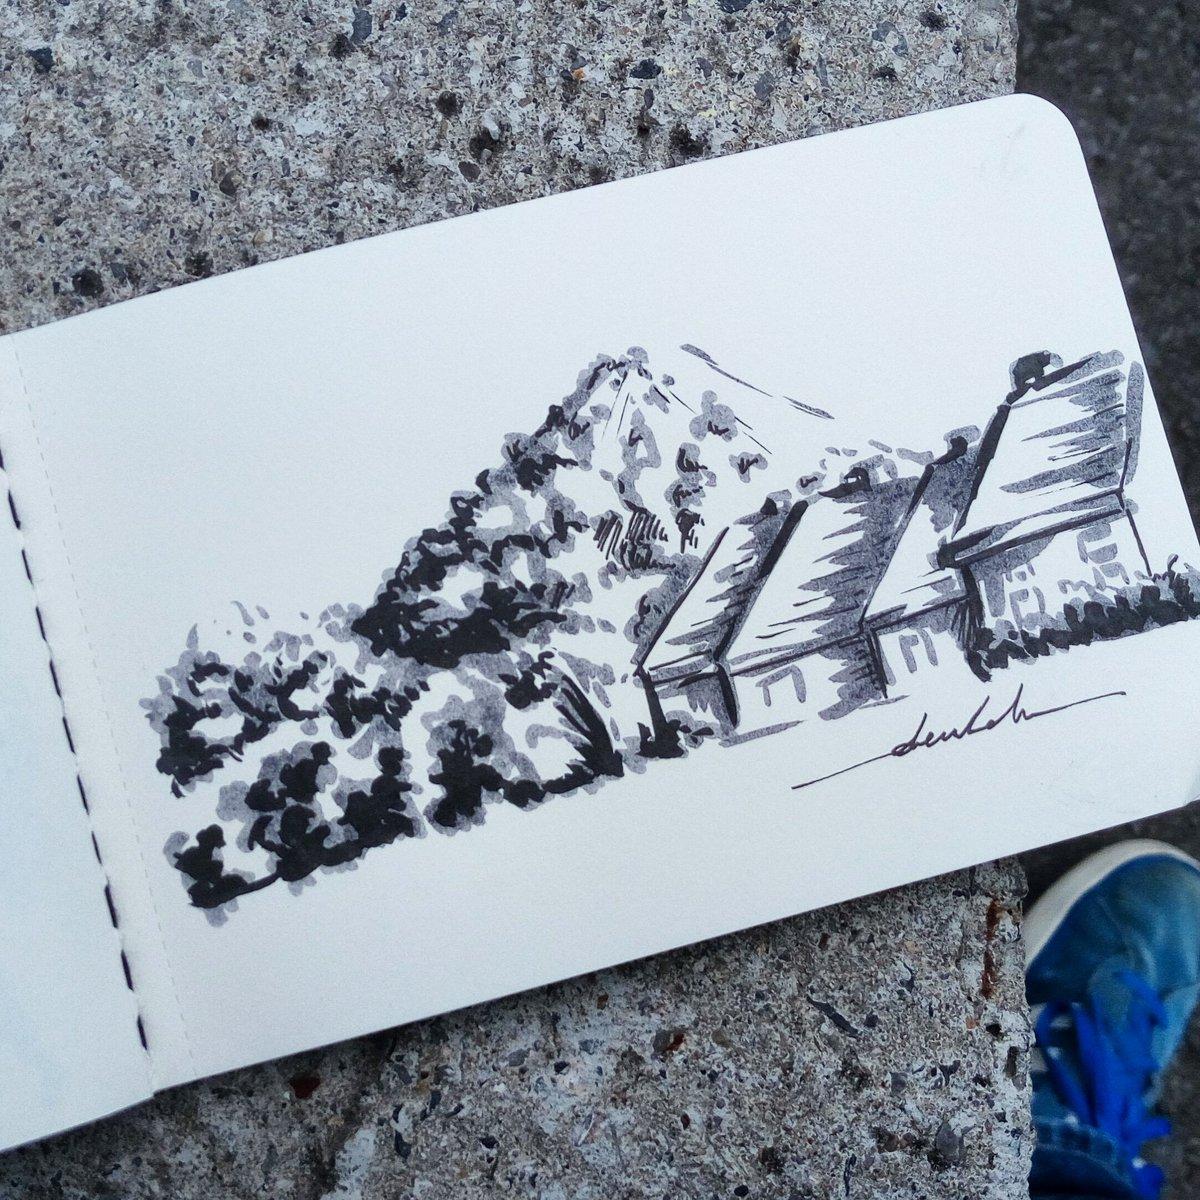 Landscape #dailyart #dailyillustration #trees #nature #slagheap #scenery #landscape #houses https://t.co/dLgqOImRCT